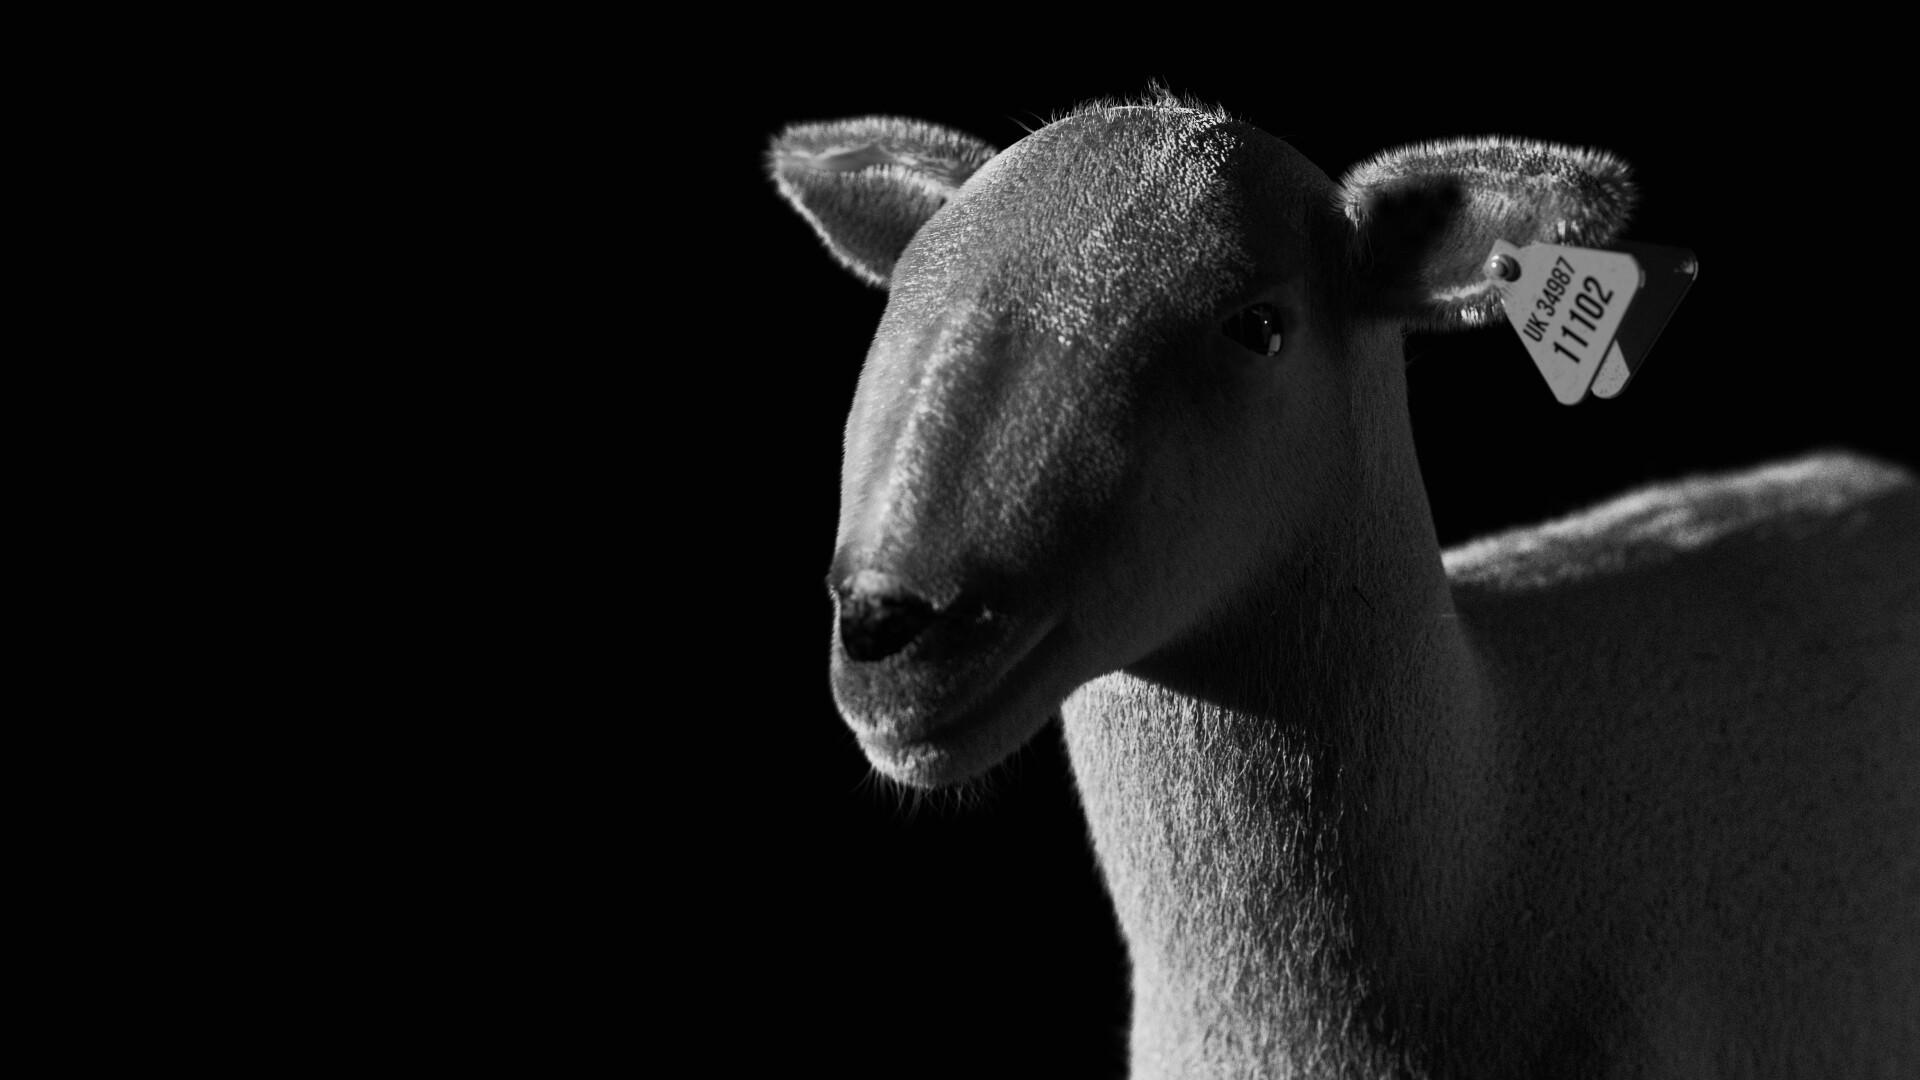 Michelangelo girardi sheep ig3